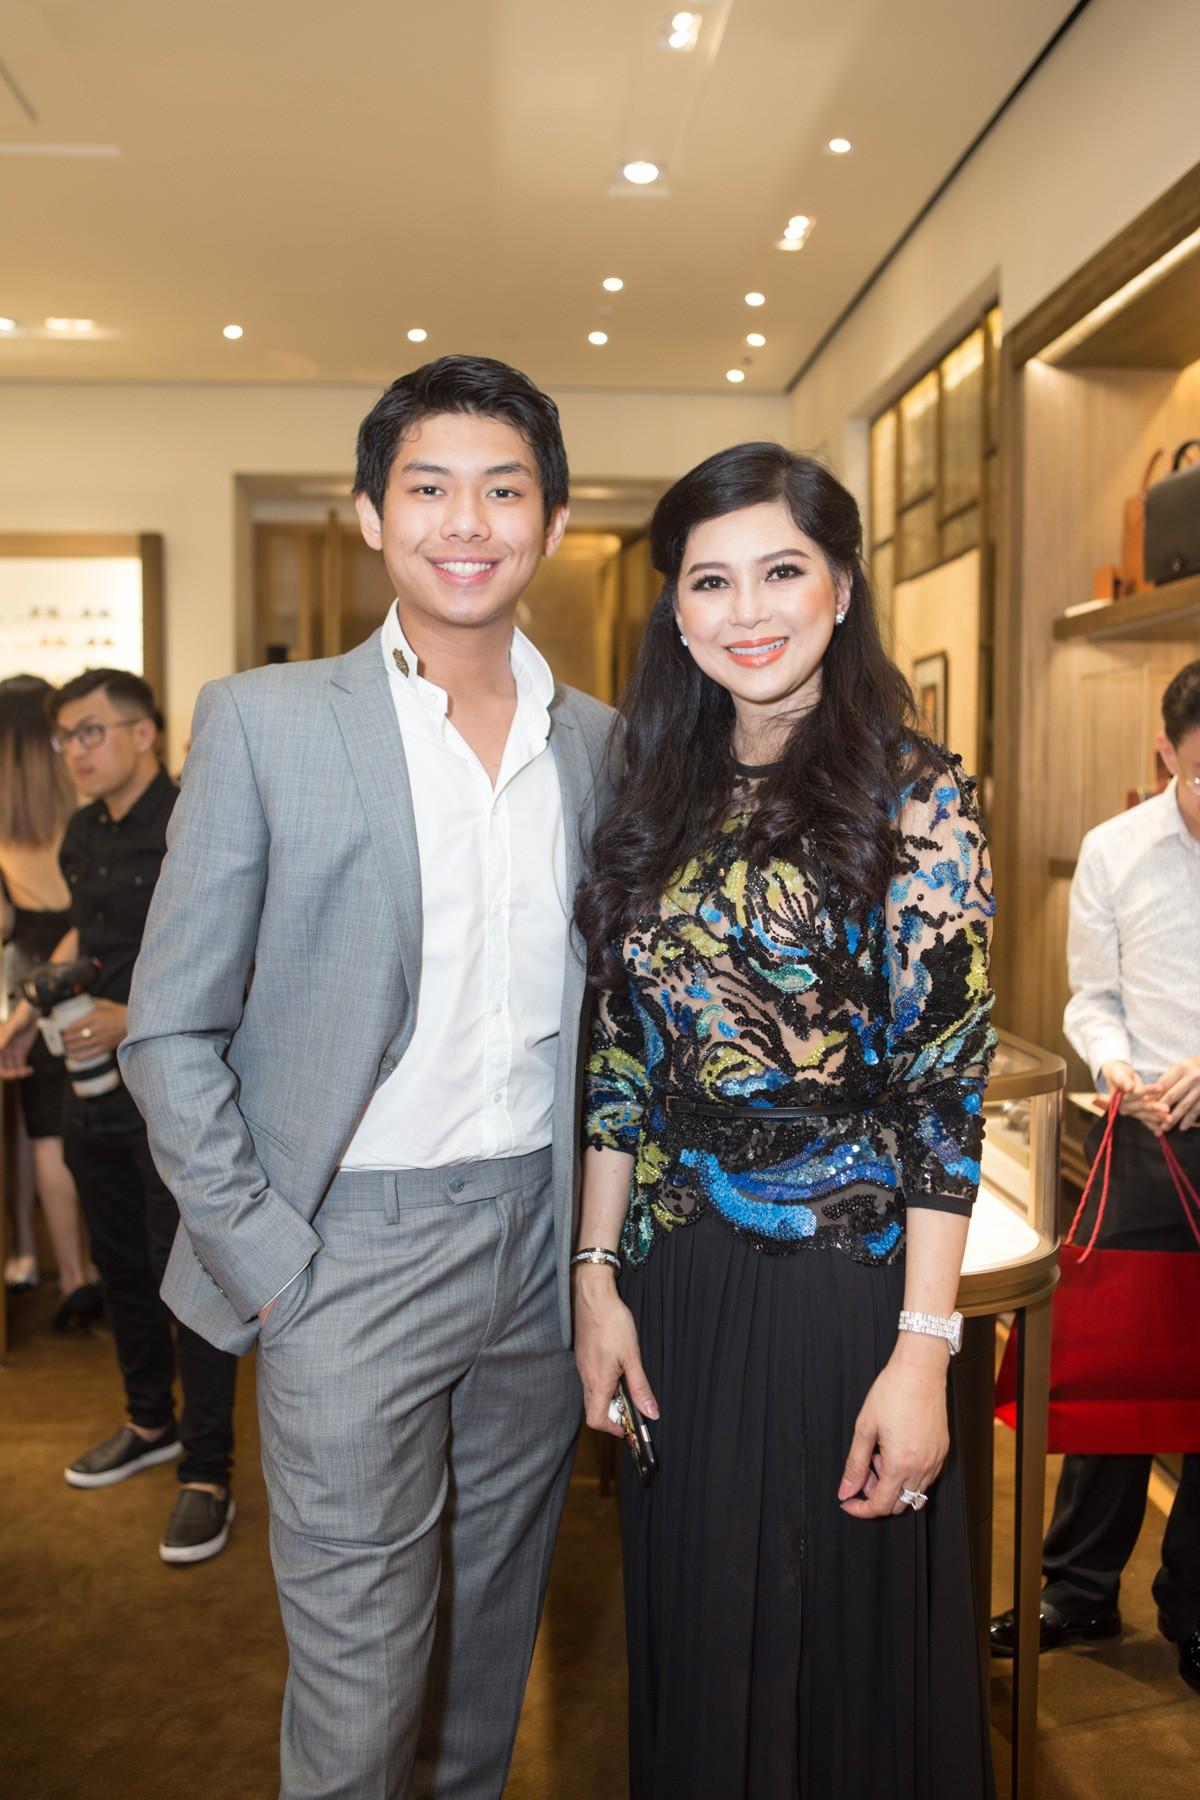 Sau Thảo Tiên, cậu út nhà chồng Tăng Thanh Hà cũng đang gây sốt trong